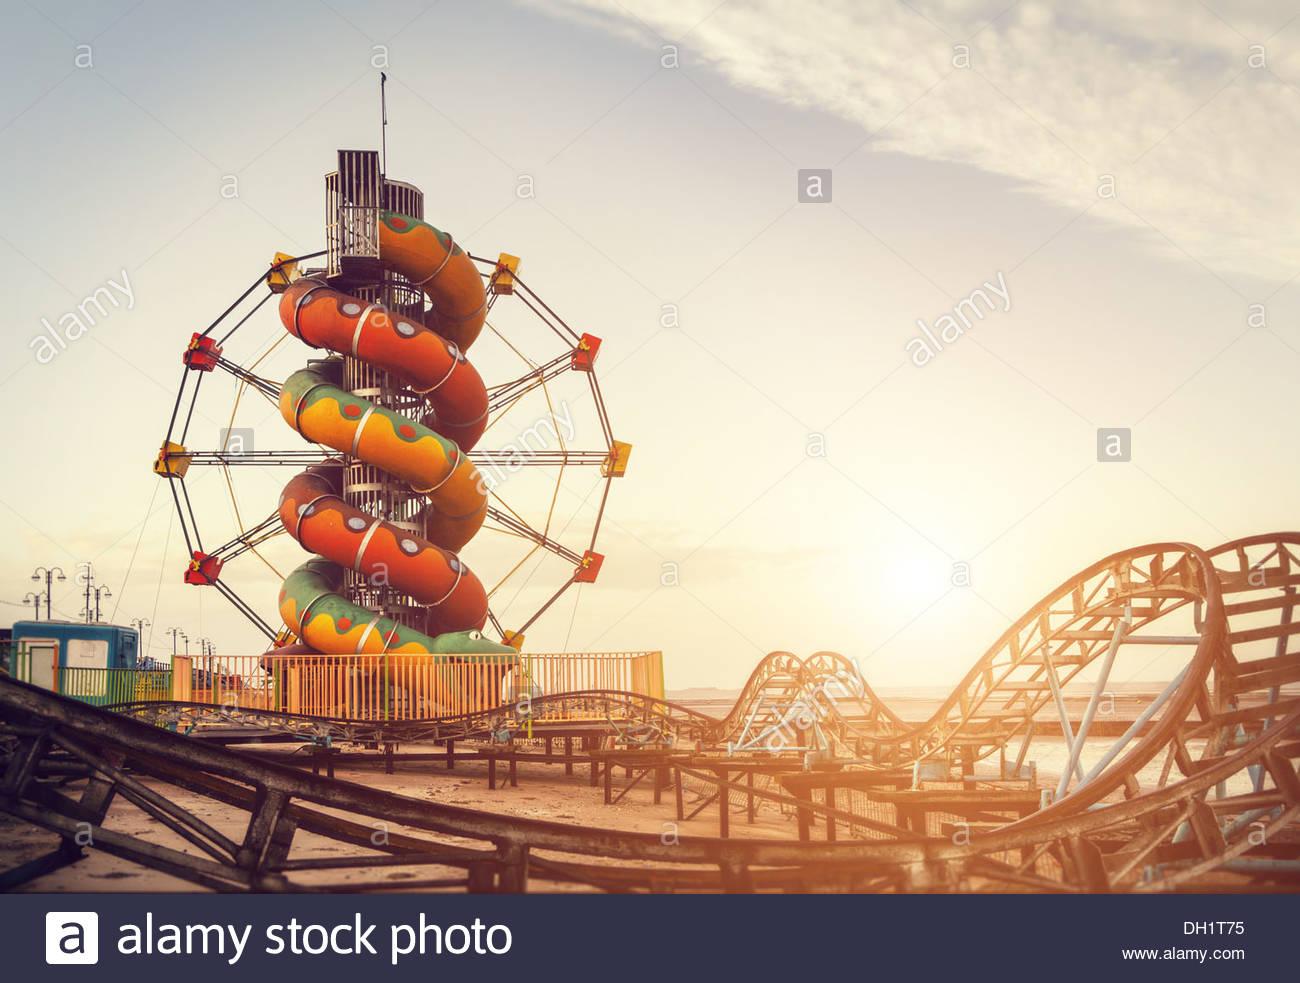 Feria del mar Imagen De Stock